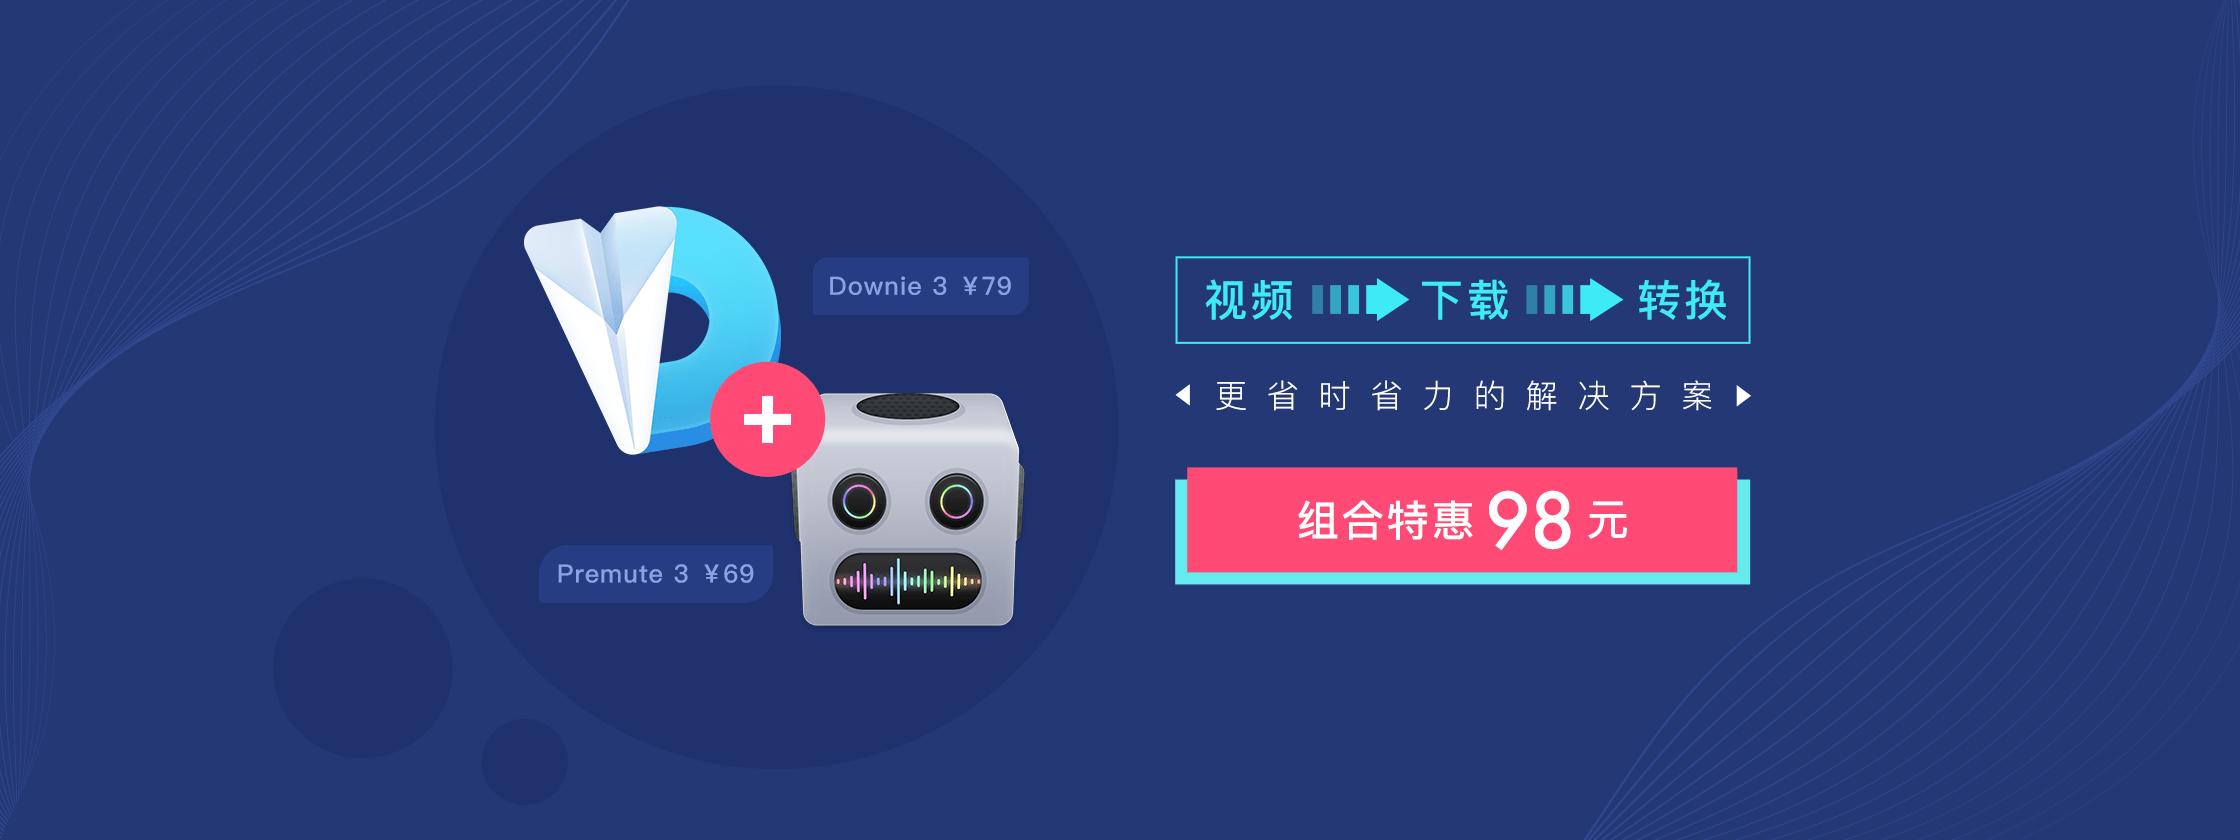 Downie + Permute:打包入手在线视频下载、格式转换工具,折上再省 50 元